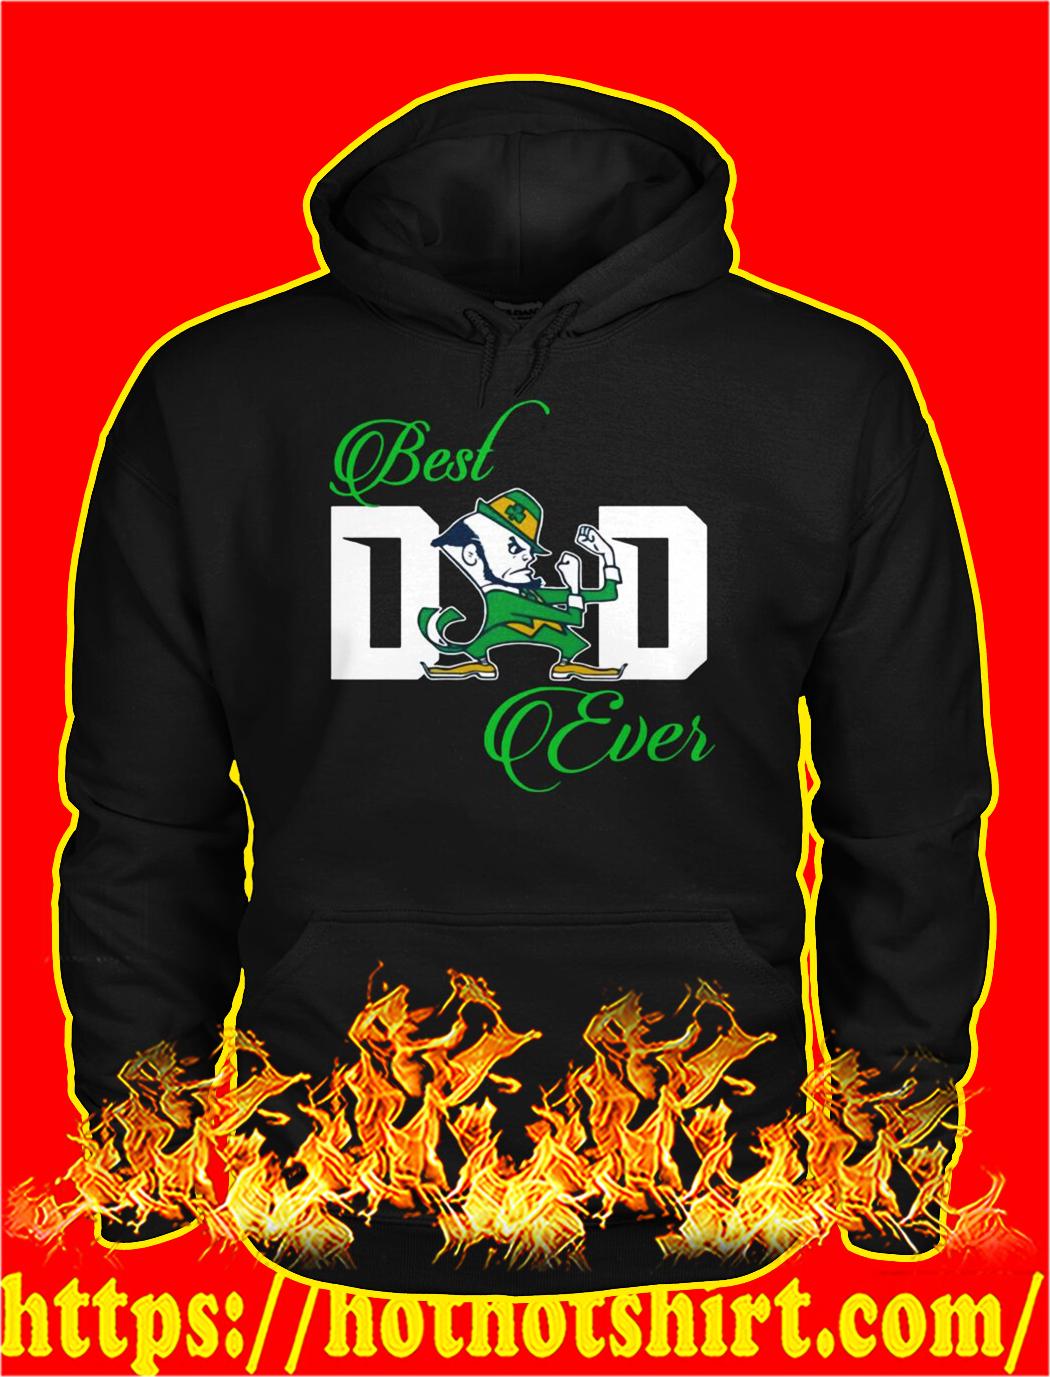 Notre dame leprechaun best dad ever hoodie